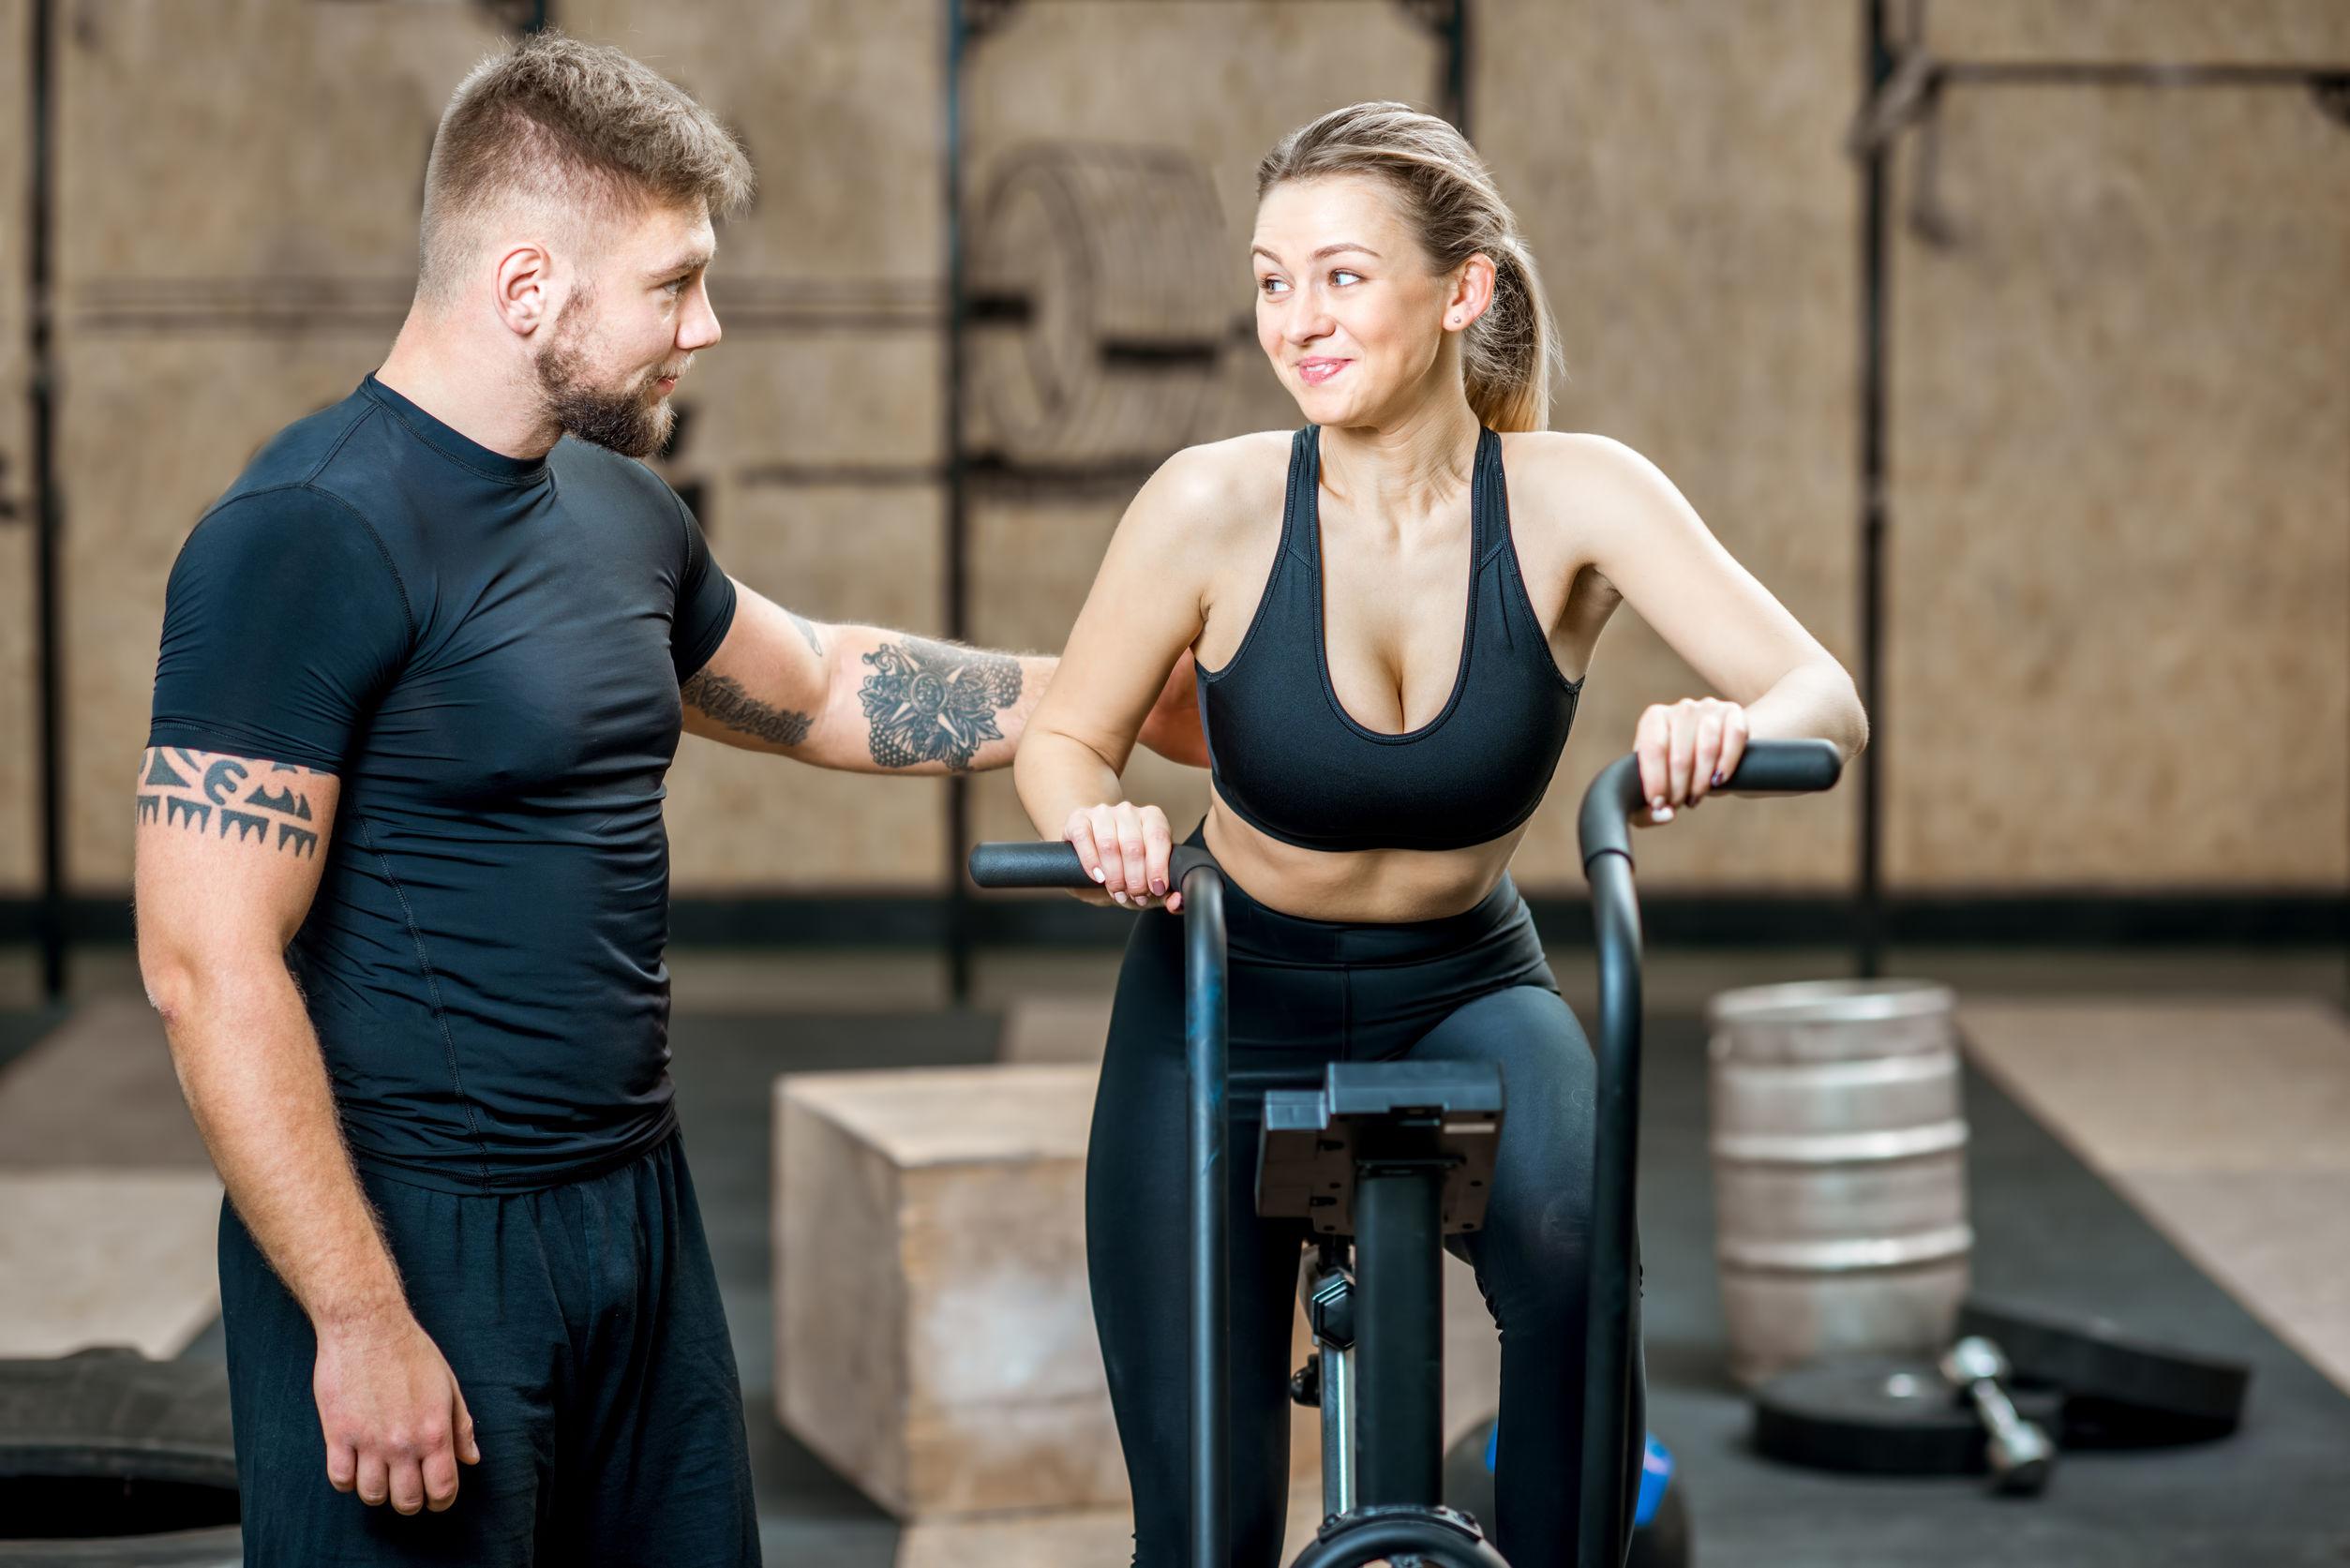 Imagem mostra um homem ao lado de uma mulher que pratica airbike.